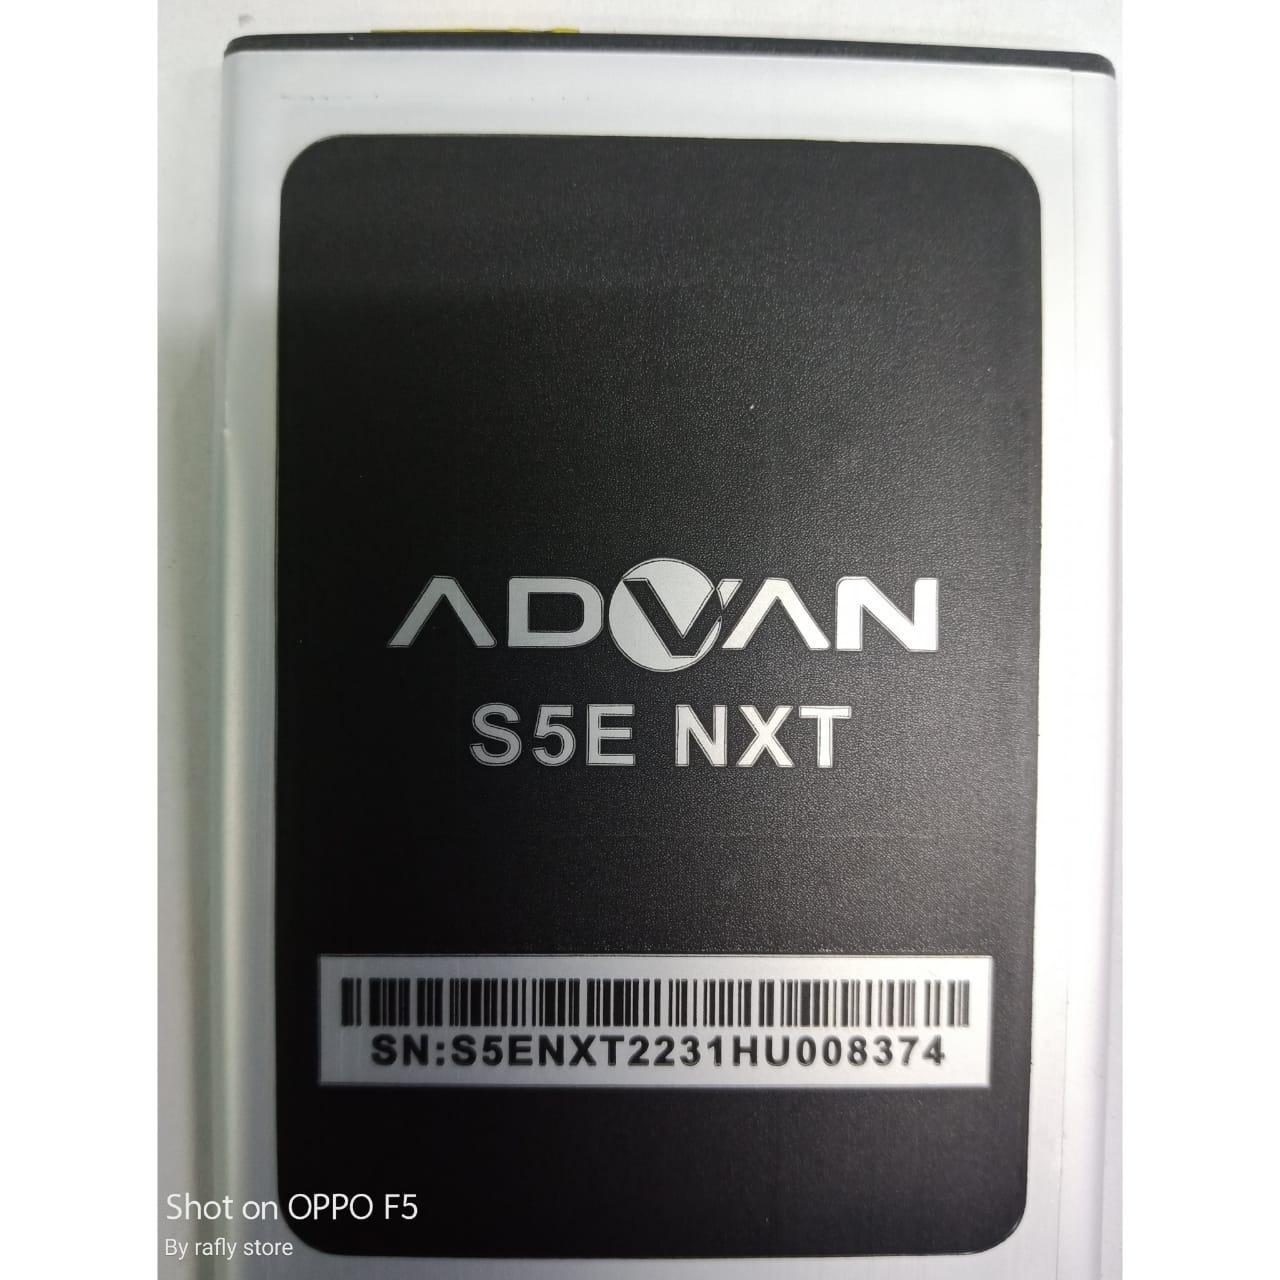 Kelebihan Baterai Advan S5e Nxt Terkini Daftar Harga Dan Tempat S5 E Pro Putih R S Batrai Handphone For 2000mah Rafly